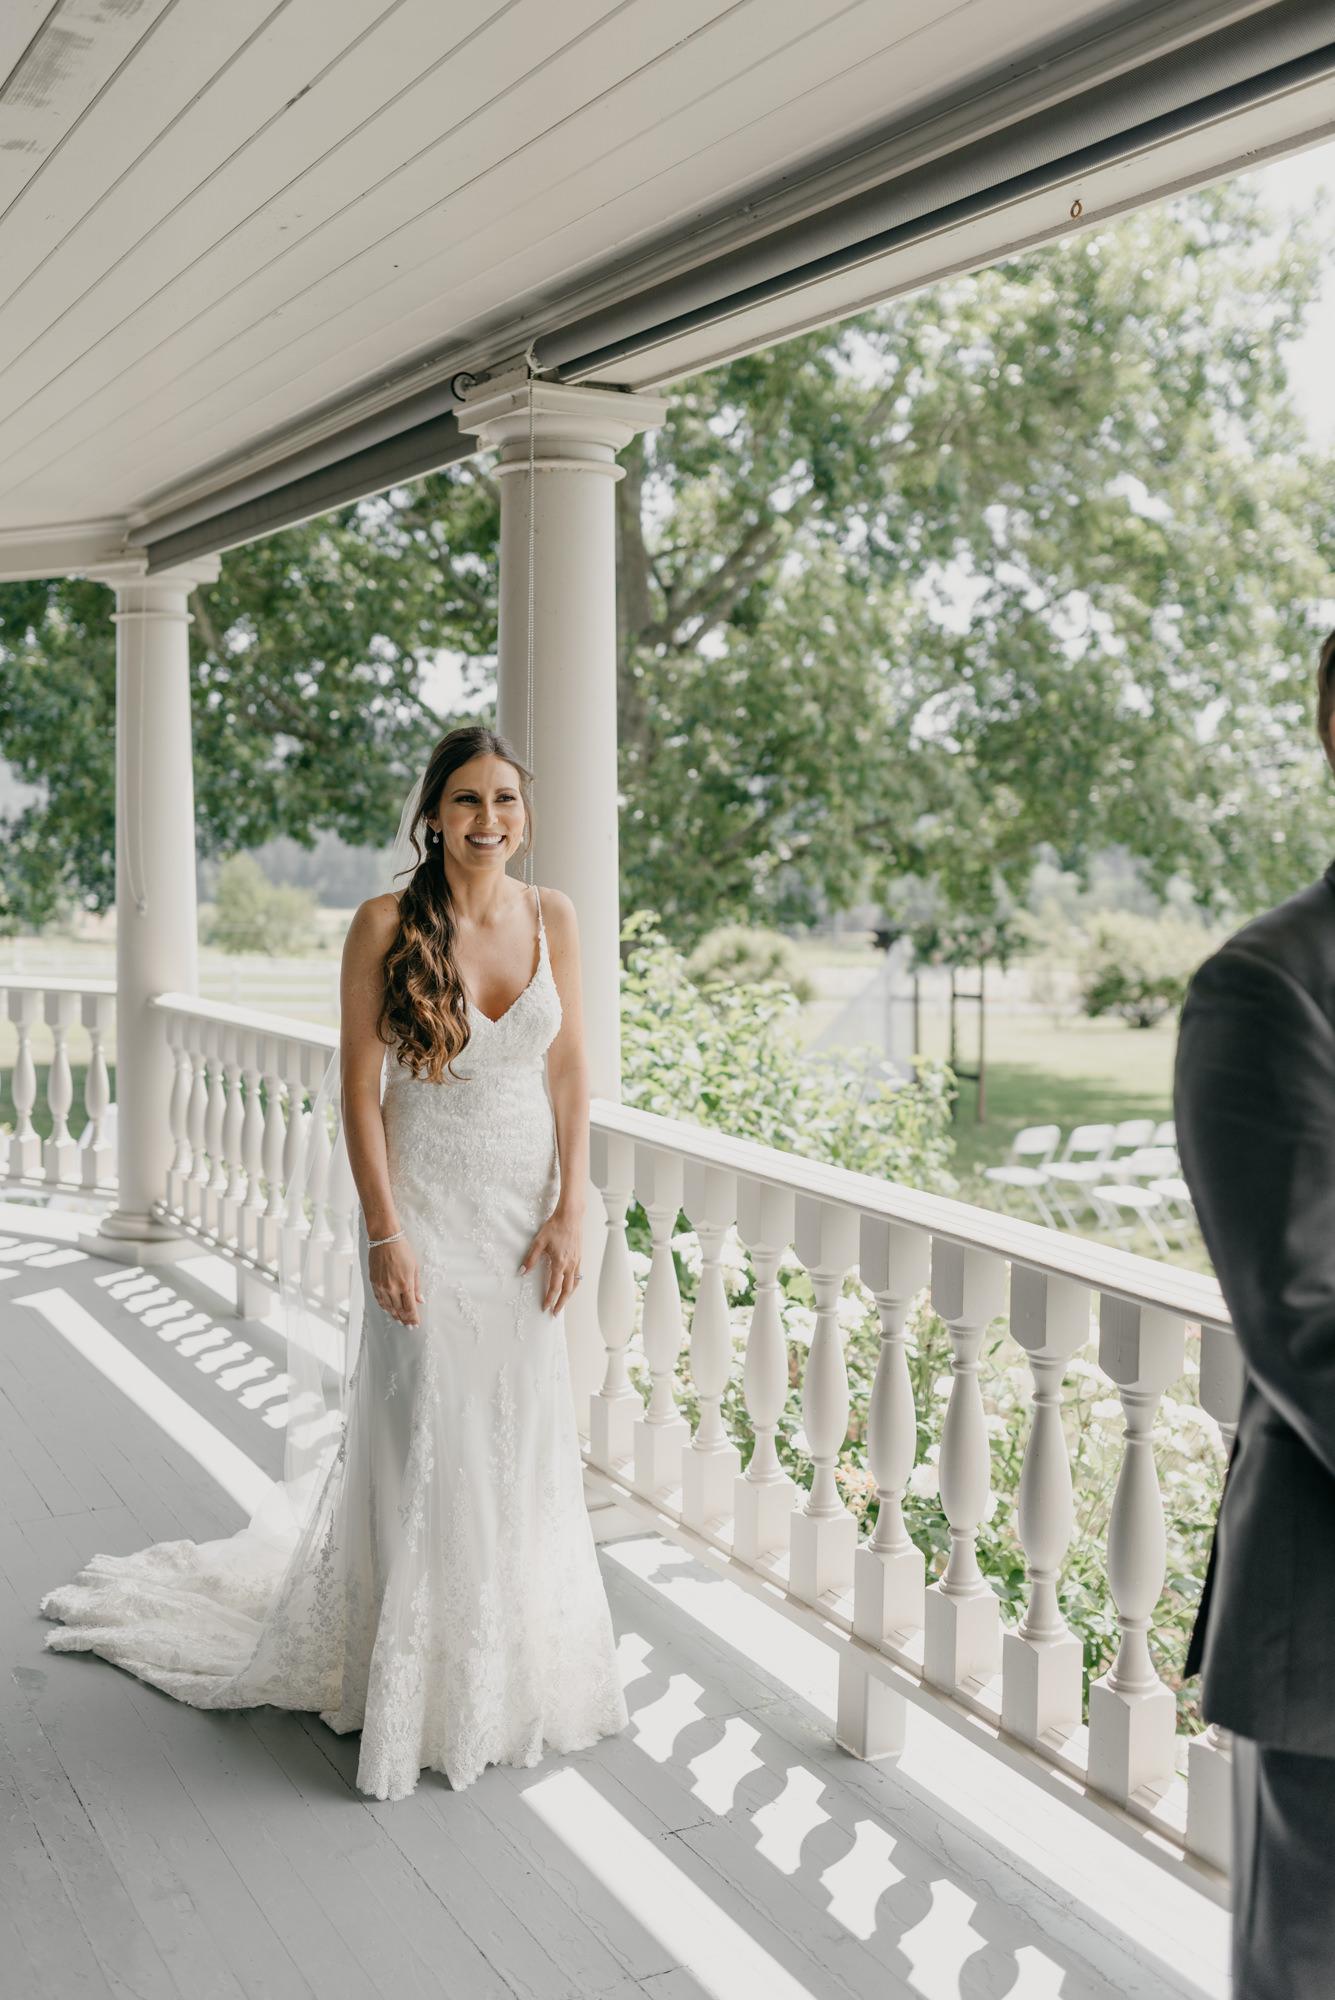 46-first-look-barn-kestrel-wedding-lake-oswego-wedding.jpg